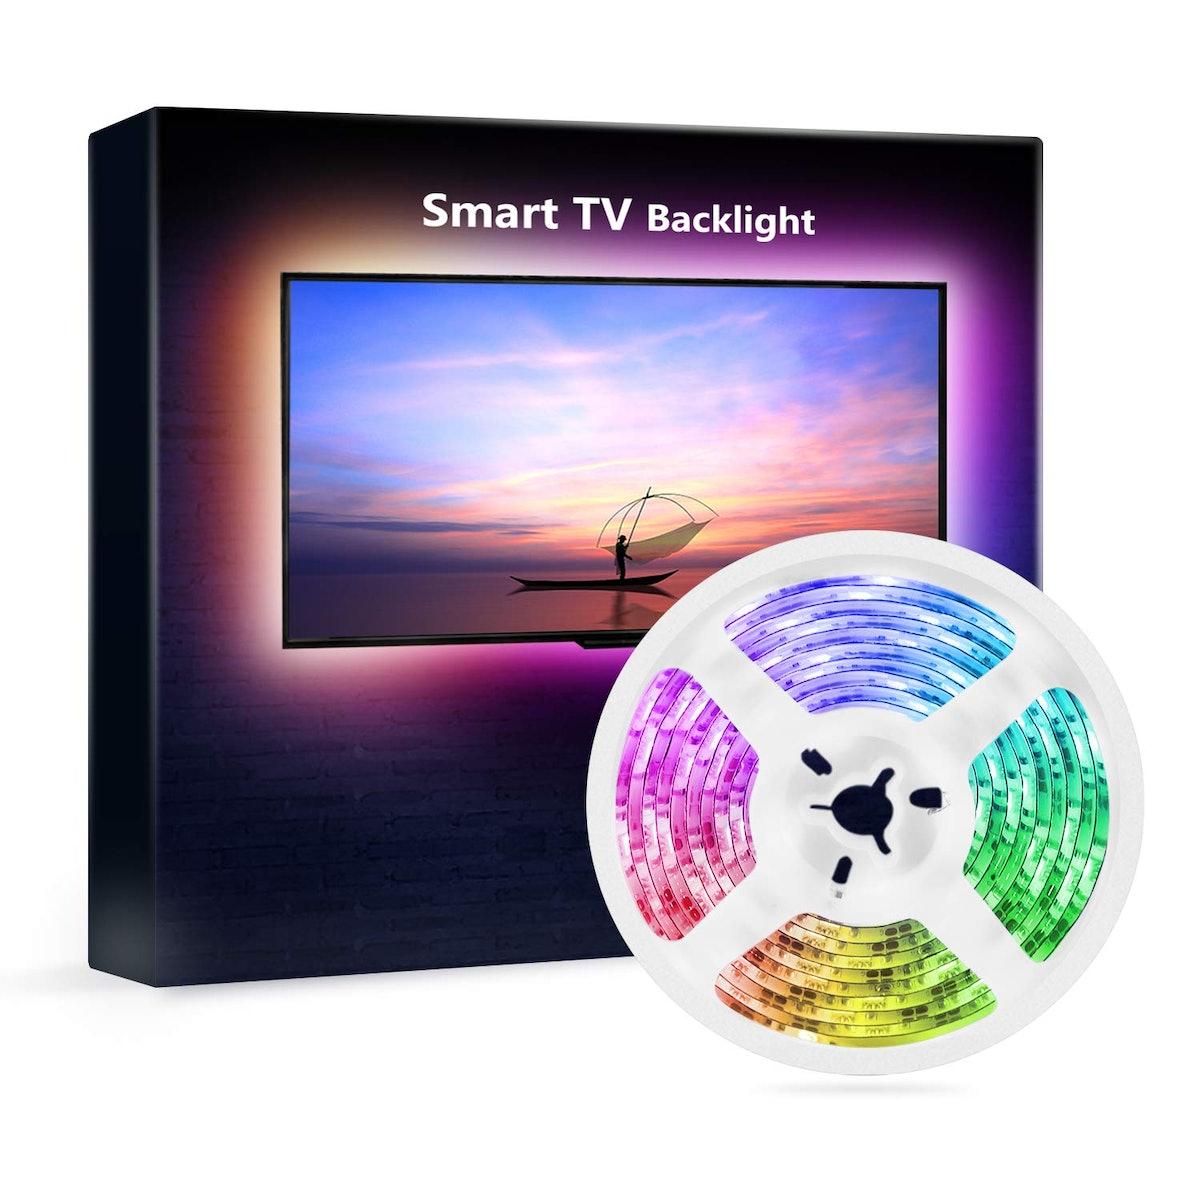 NiteBird Smart TV Backlight by TanTan